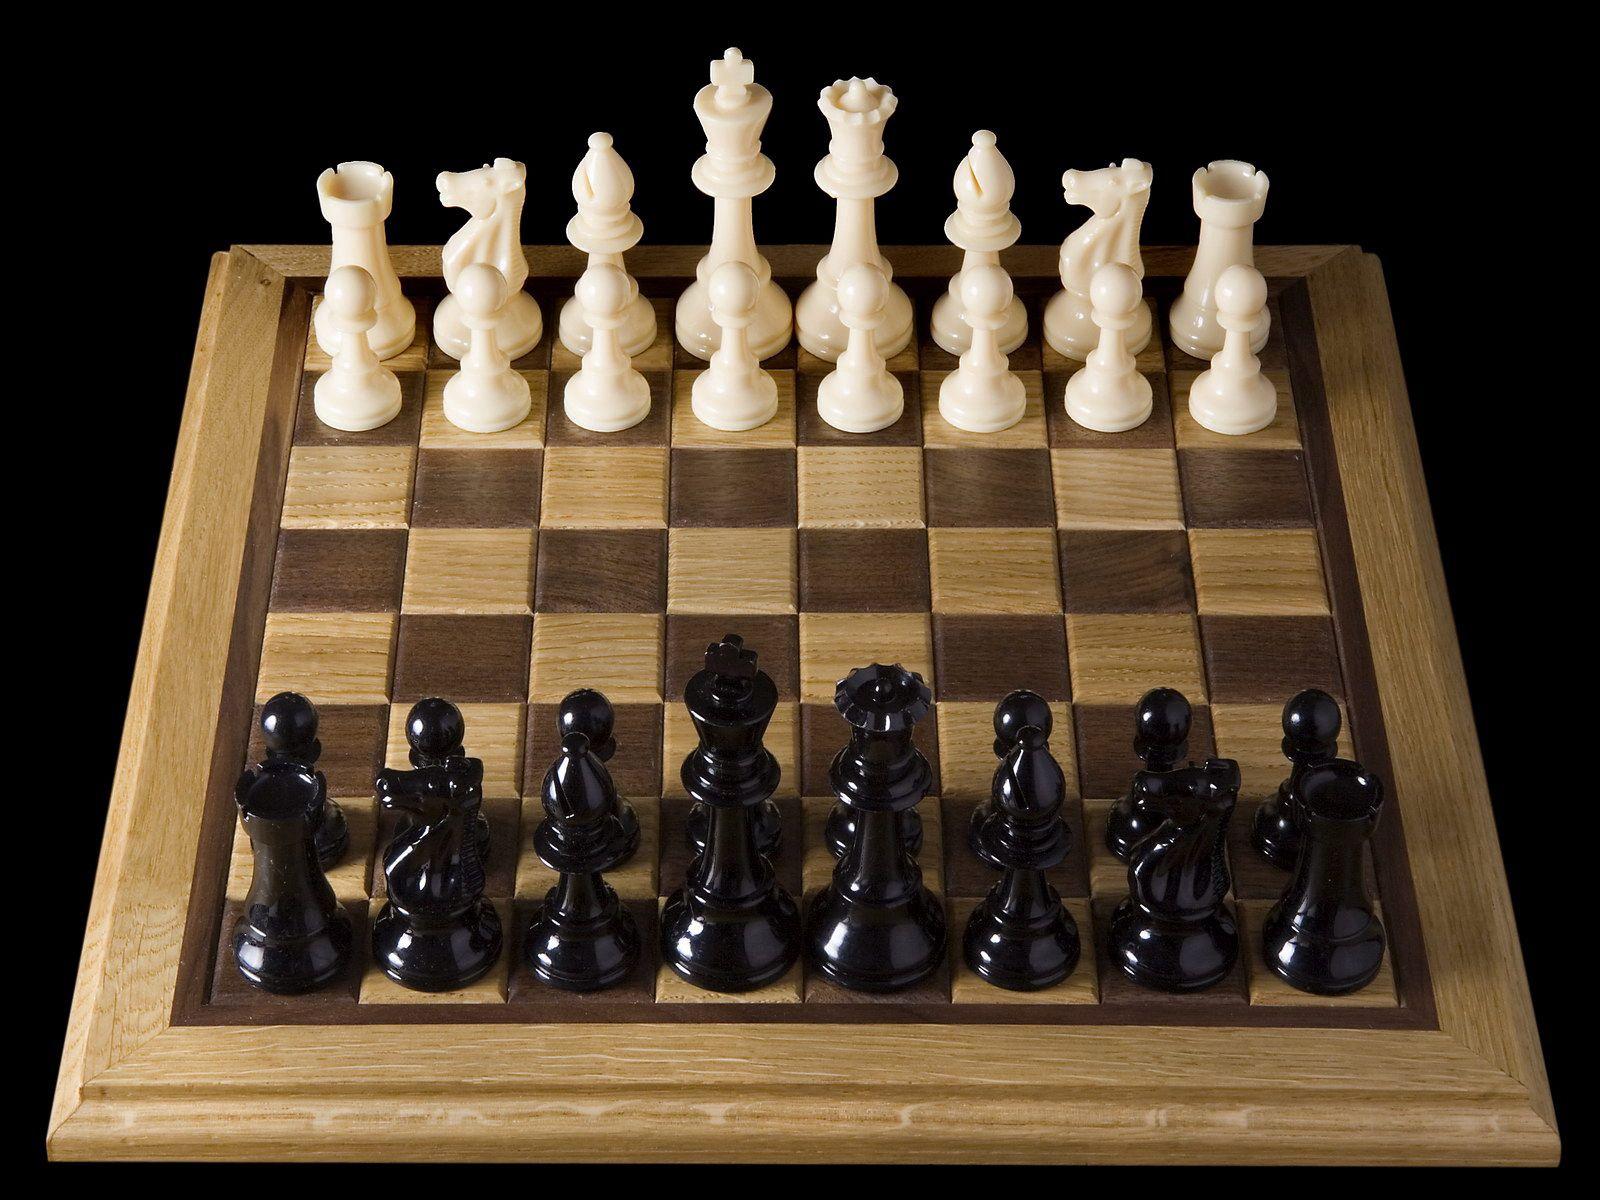 102273 скачать обои Спорт, Доска, Игра, Партия, Фигуры, Шахматы - заставки и картинки бесплатно